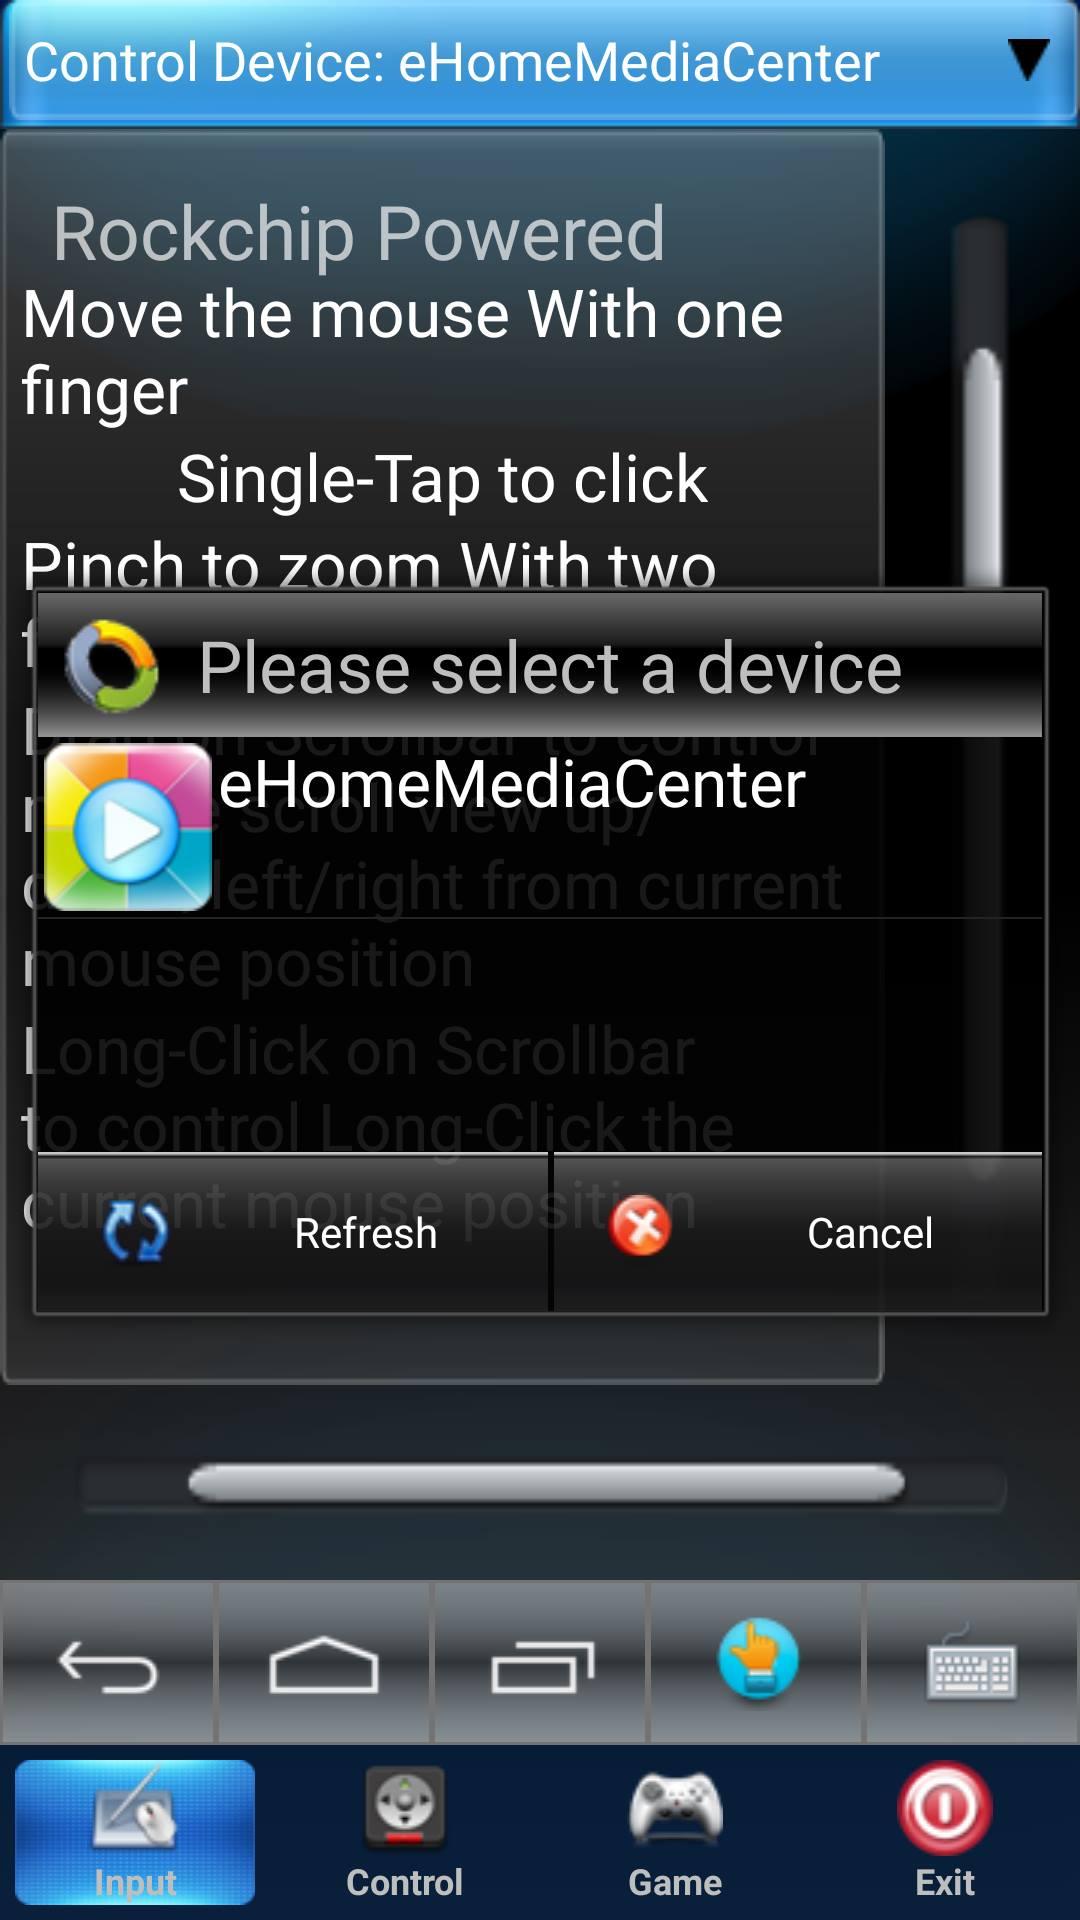 Cách dùng điện thoại làm remote điều khiển vinabox x9 dùng rockchip